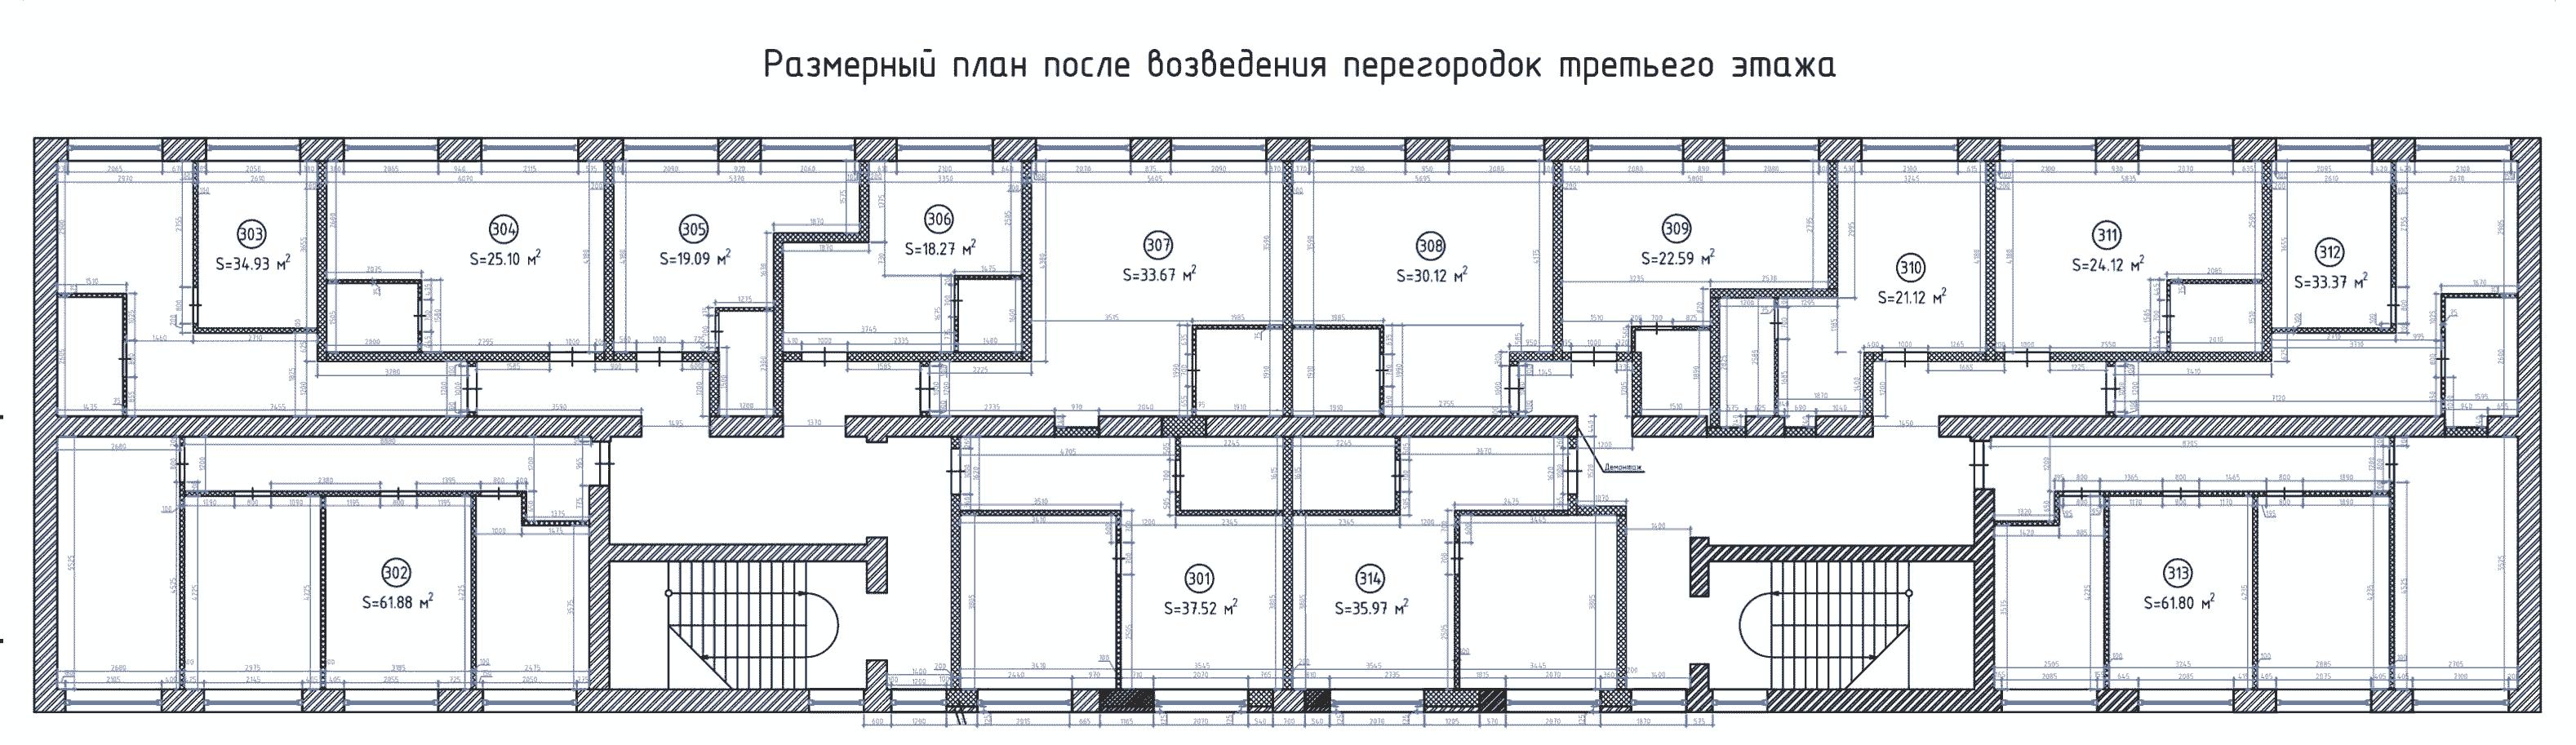 3-й этаж